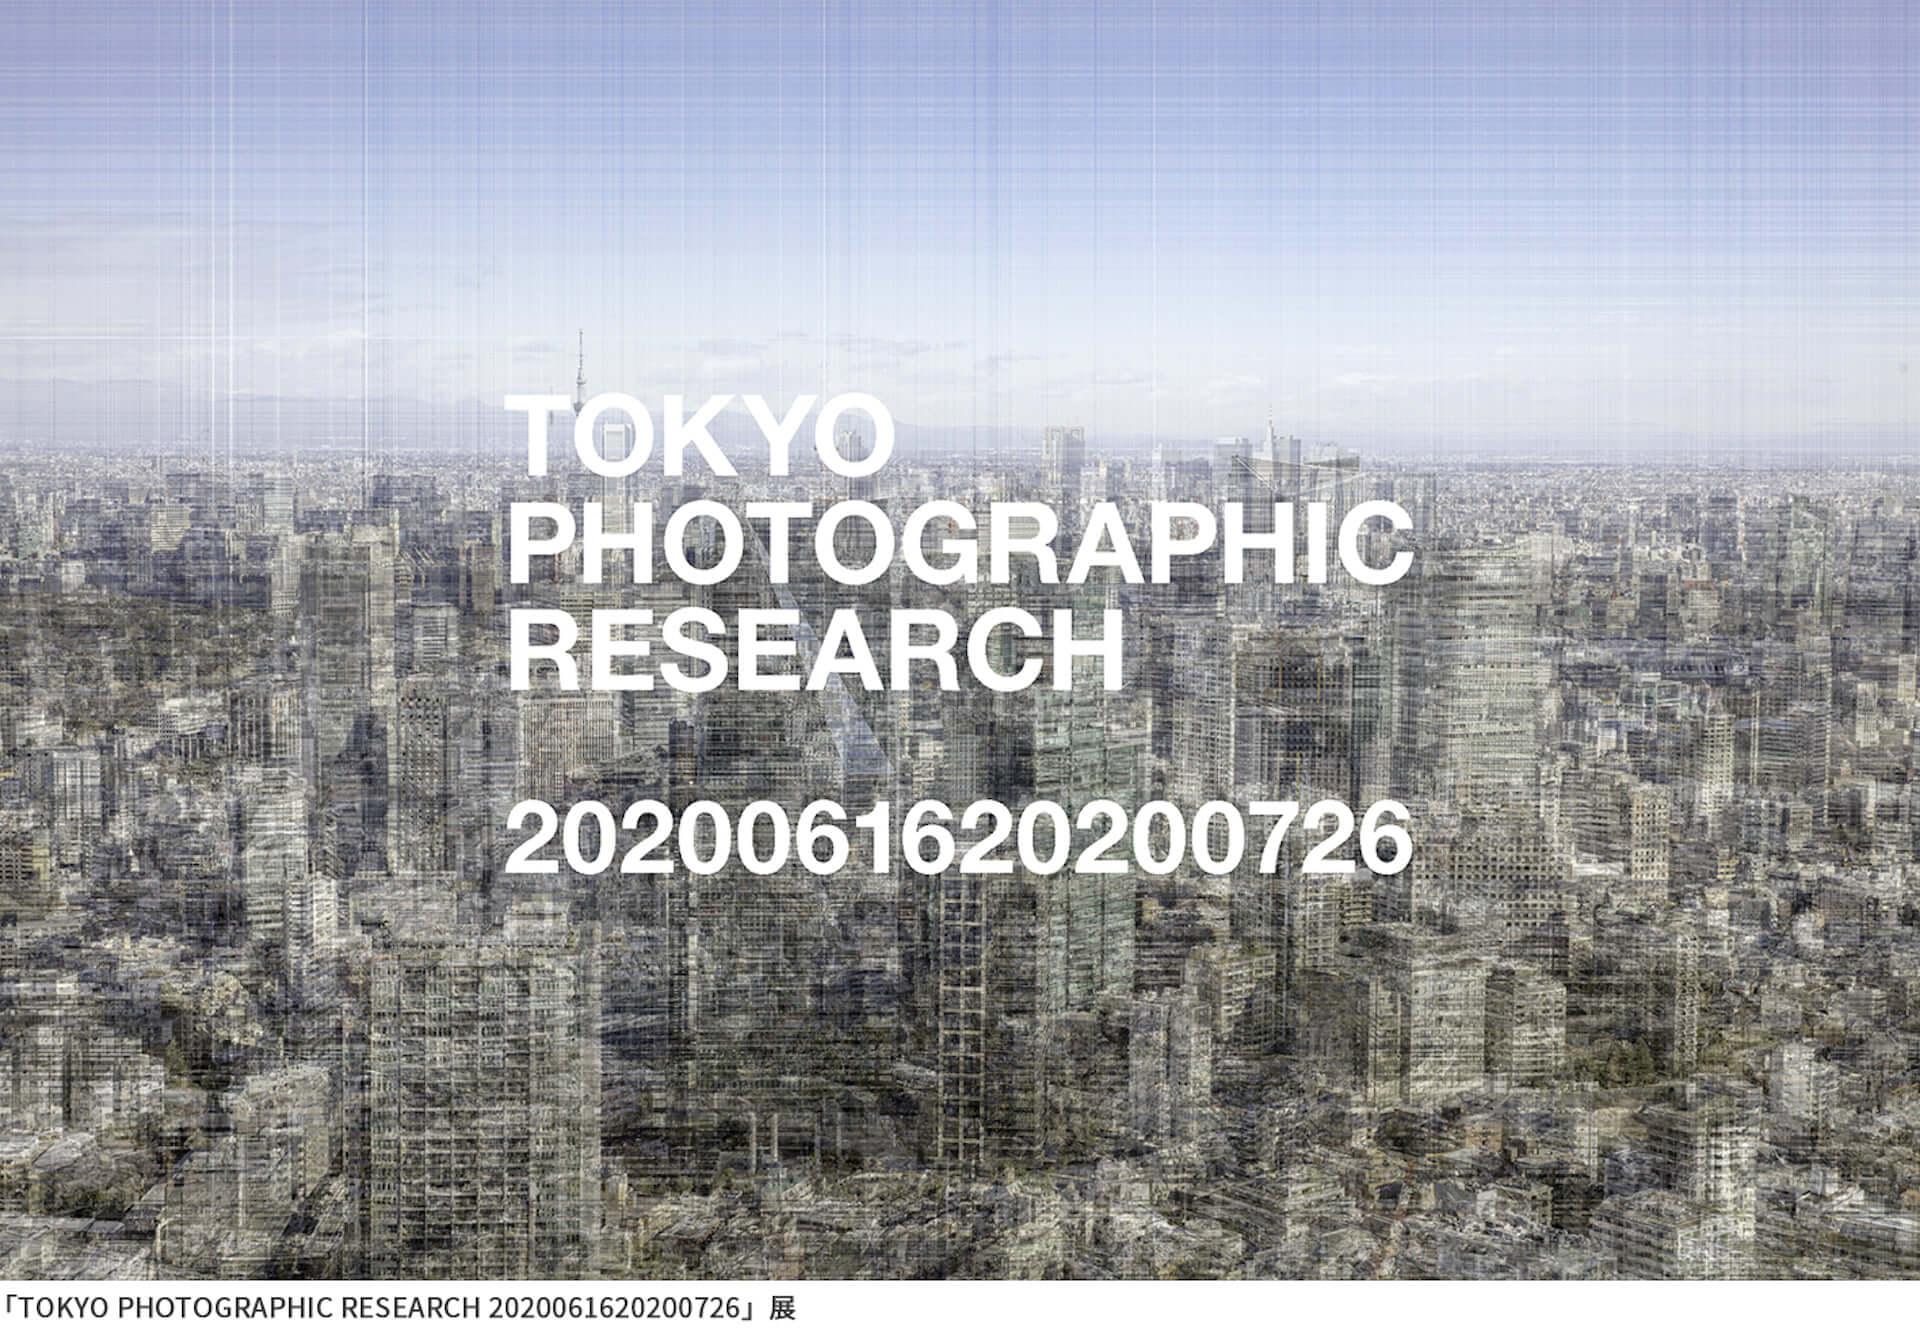 蔦屋書店にて<東京フォトグラフィックリサーチ>開催決定!小山泰介や永田康祐らが東京をテーマに写真・映像作品を制作 c01d8ccdcc7f283dd905299512696644-1920x1335